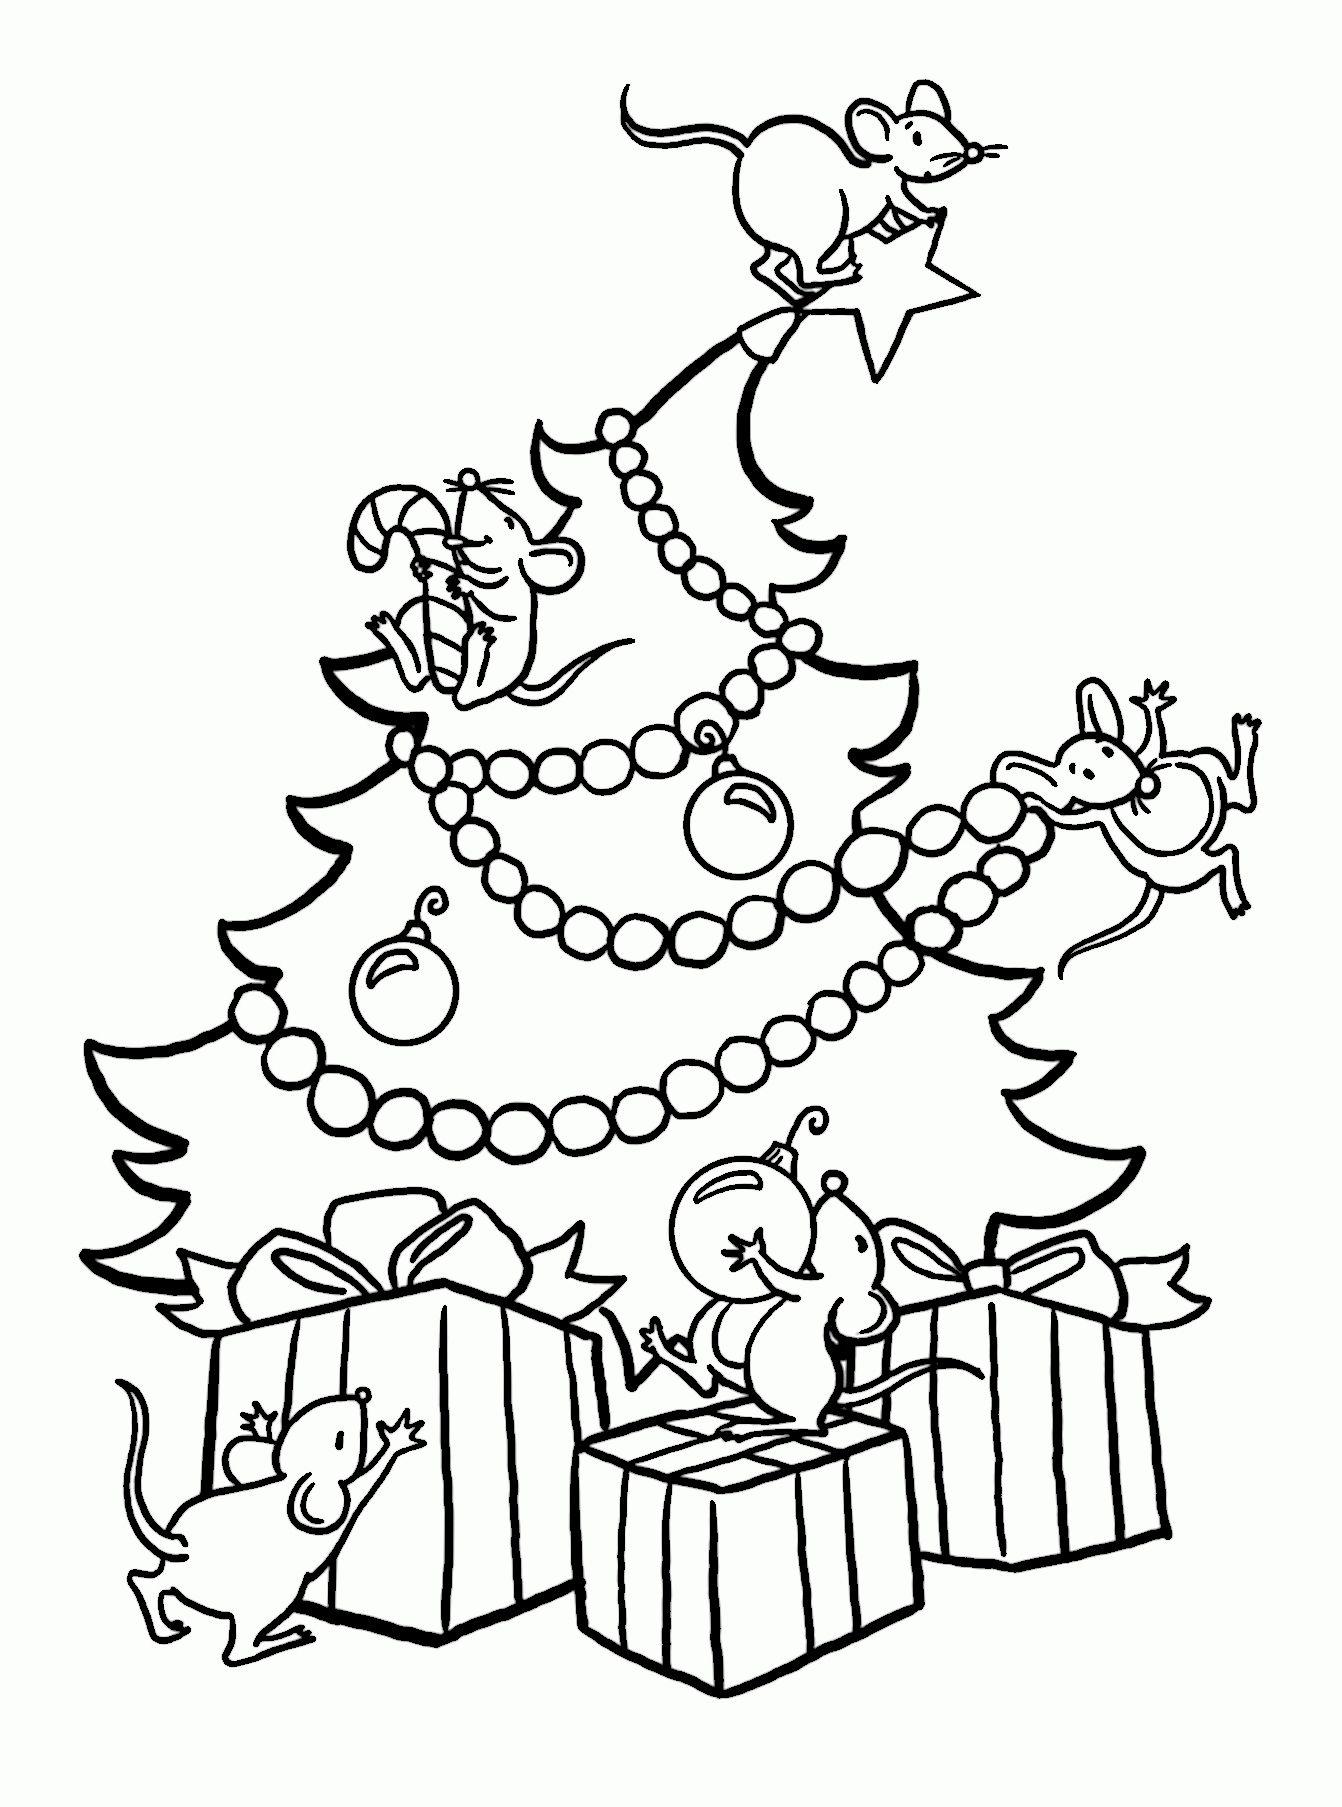 Dibujo arbol navidad para colorear navidad tarjetas - Dibujos navidenos para imprimir y colorear ...